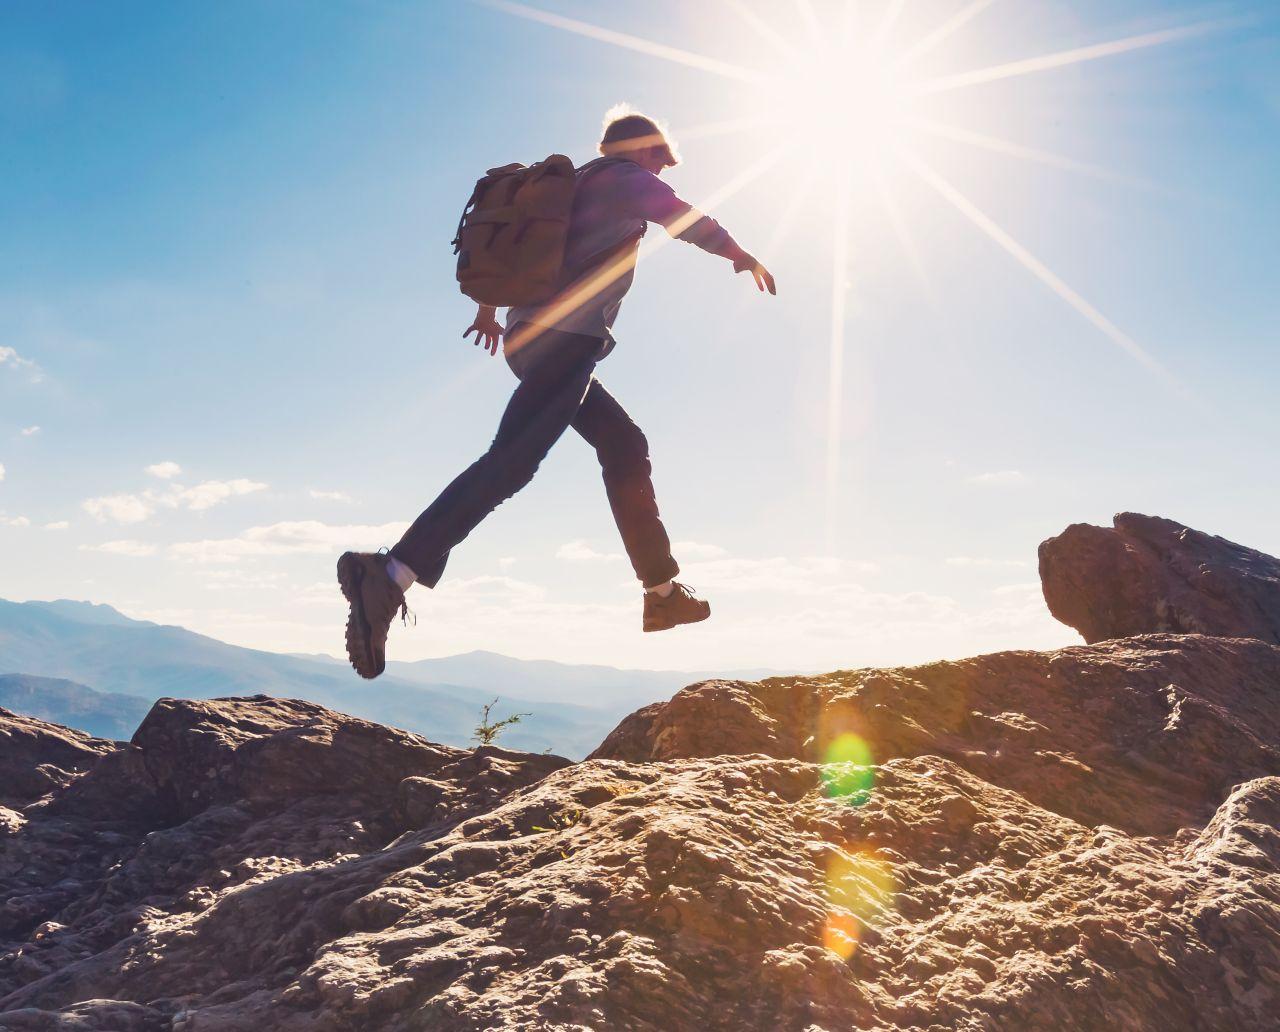 QIONIQ - SPORT für Leistung-Steigerung, Ausdauer und Konzentration - Freude an der Bewegung!